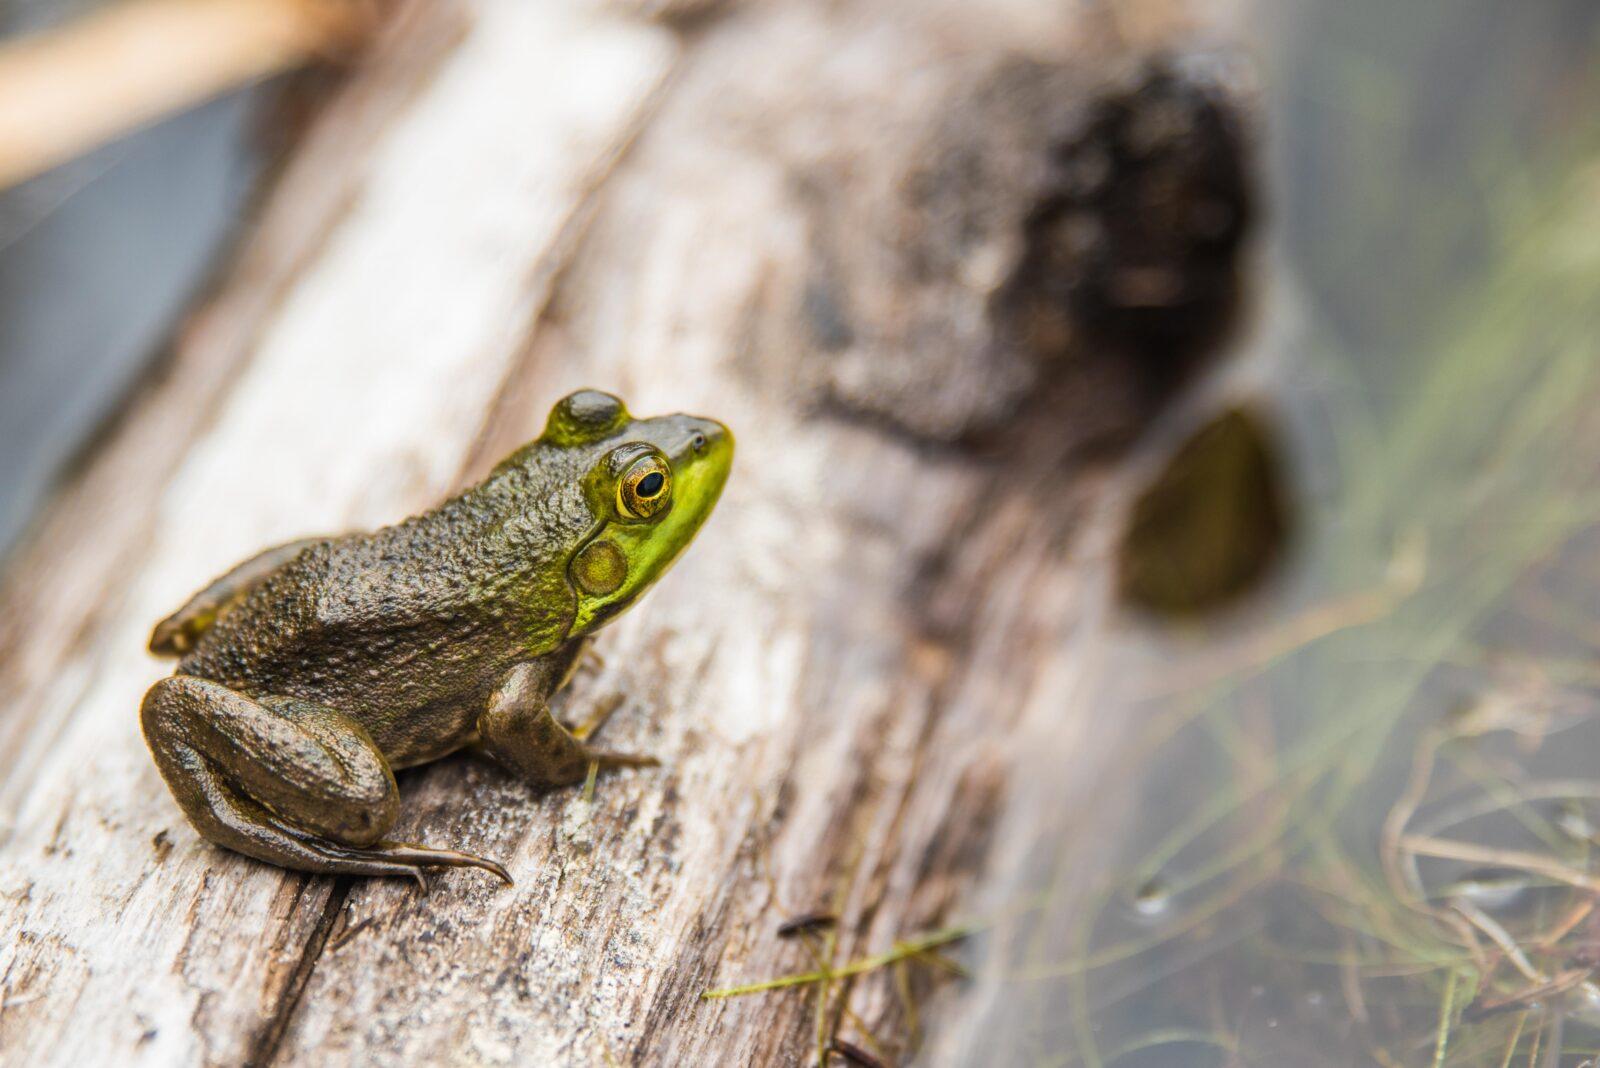 Teichfrosch auch Wasserfrosch – Steckbrief – Lebensraum, Nahrung, Aussehen, der Ruf